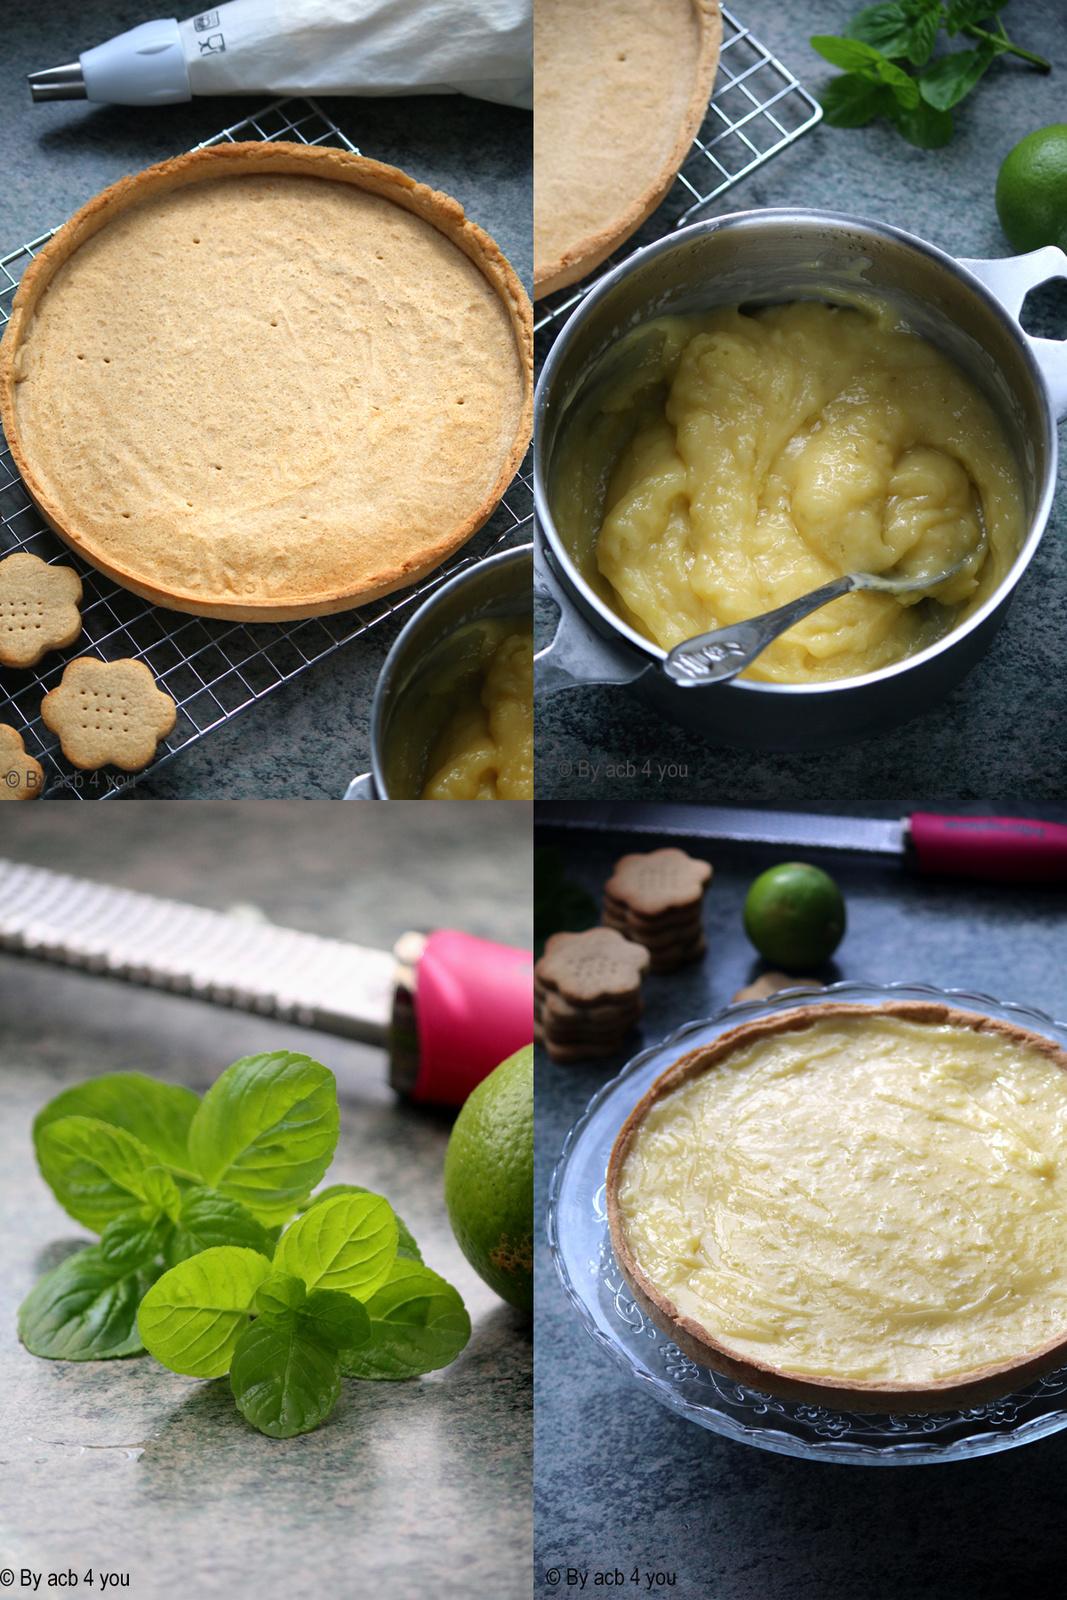 Tarte au citron vert, chocolat ivoire et menthe